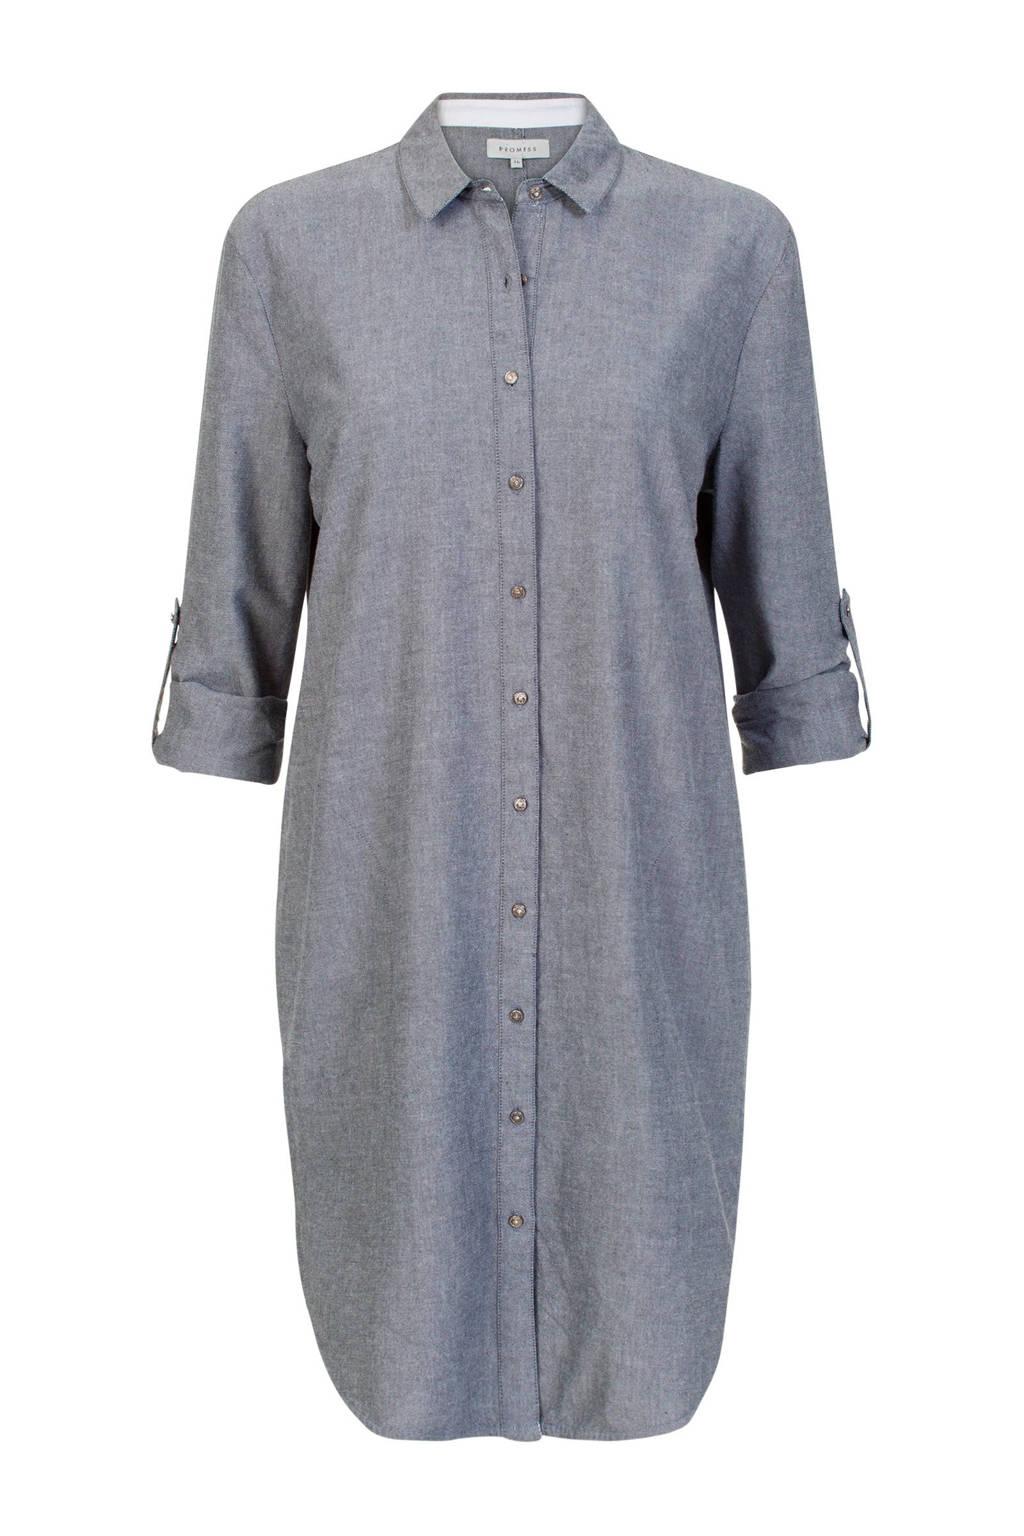 Promiss blouse grijs, Grijs